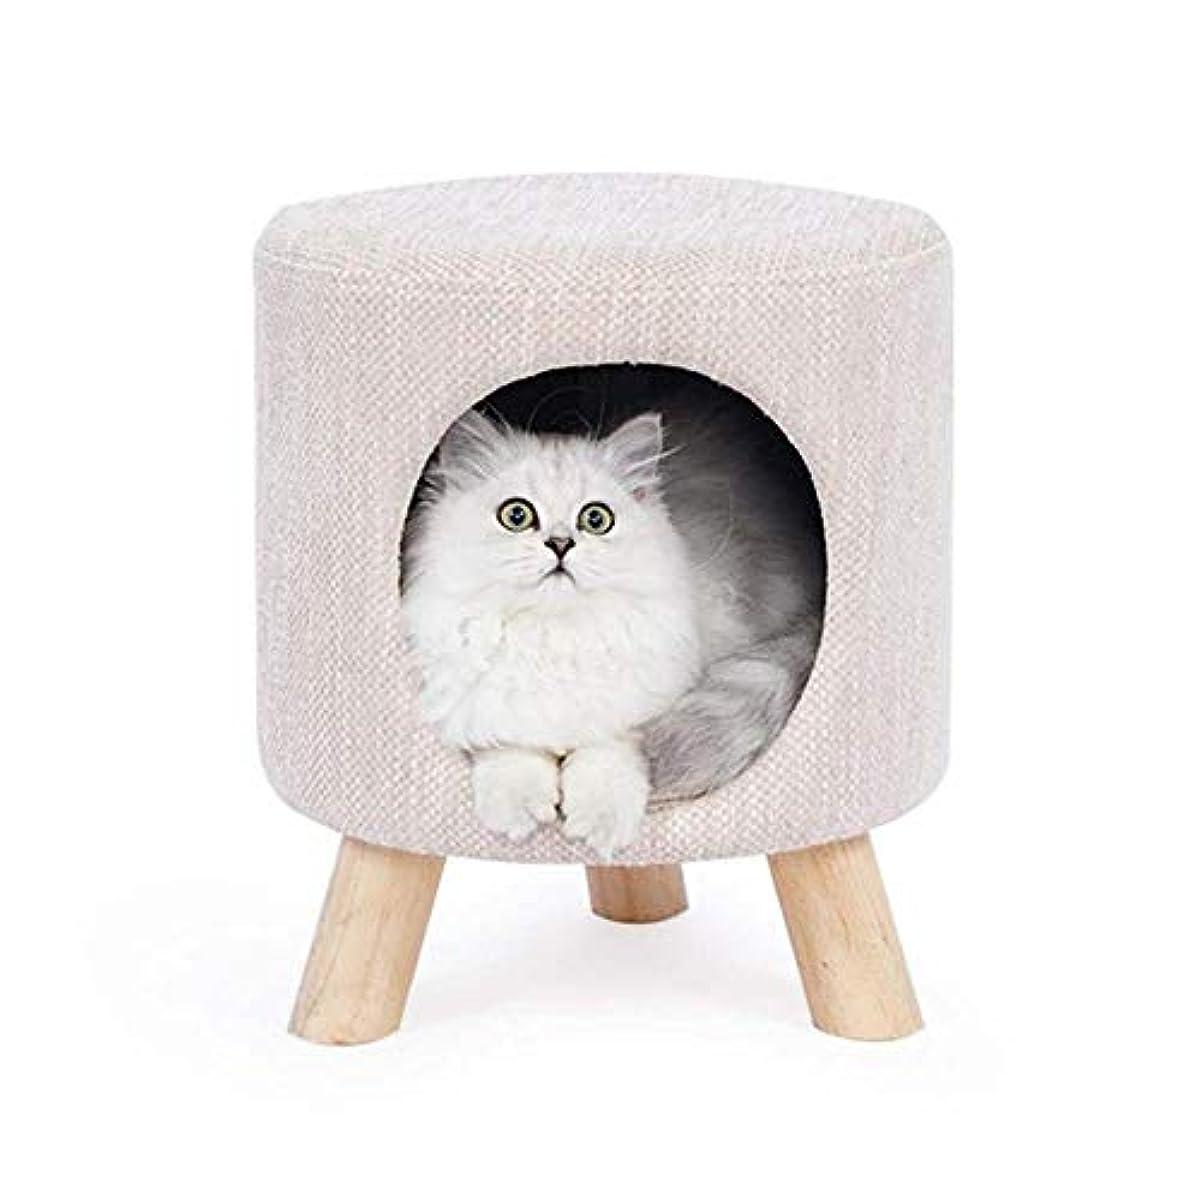 音声検索エンジン最適化凝縮するペットハウス 猫の家 猫の家のベッドスツールの巣多機能猫のテントの家の隠れ家の犬のスツール犬小屋猫用品ペット巣ベージュ